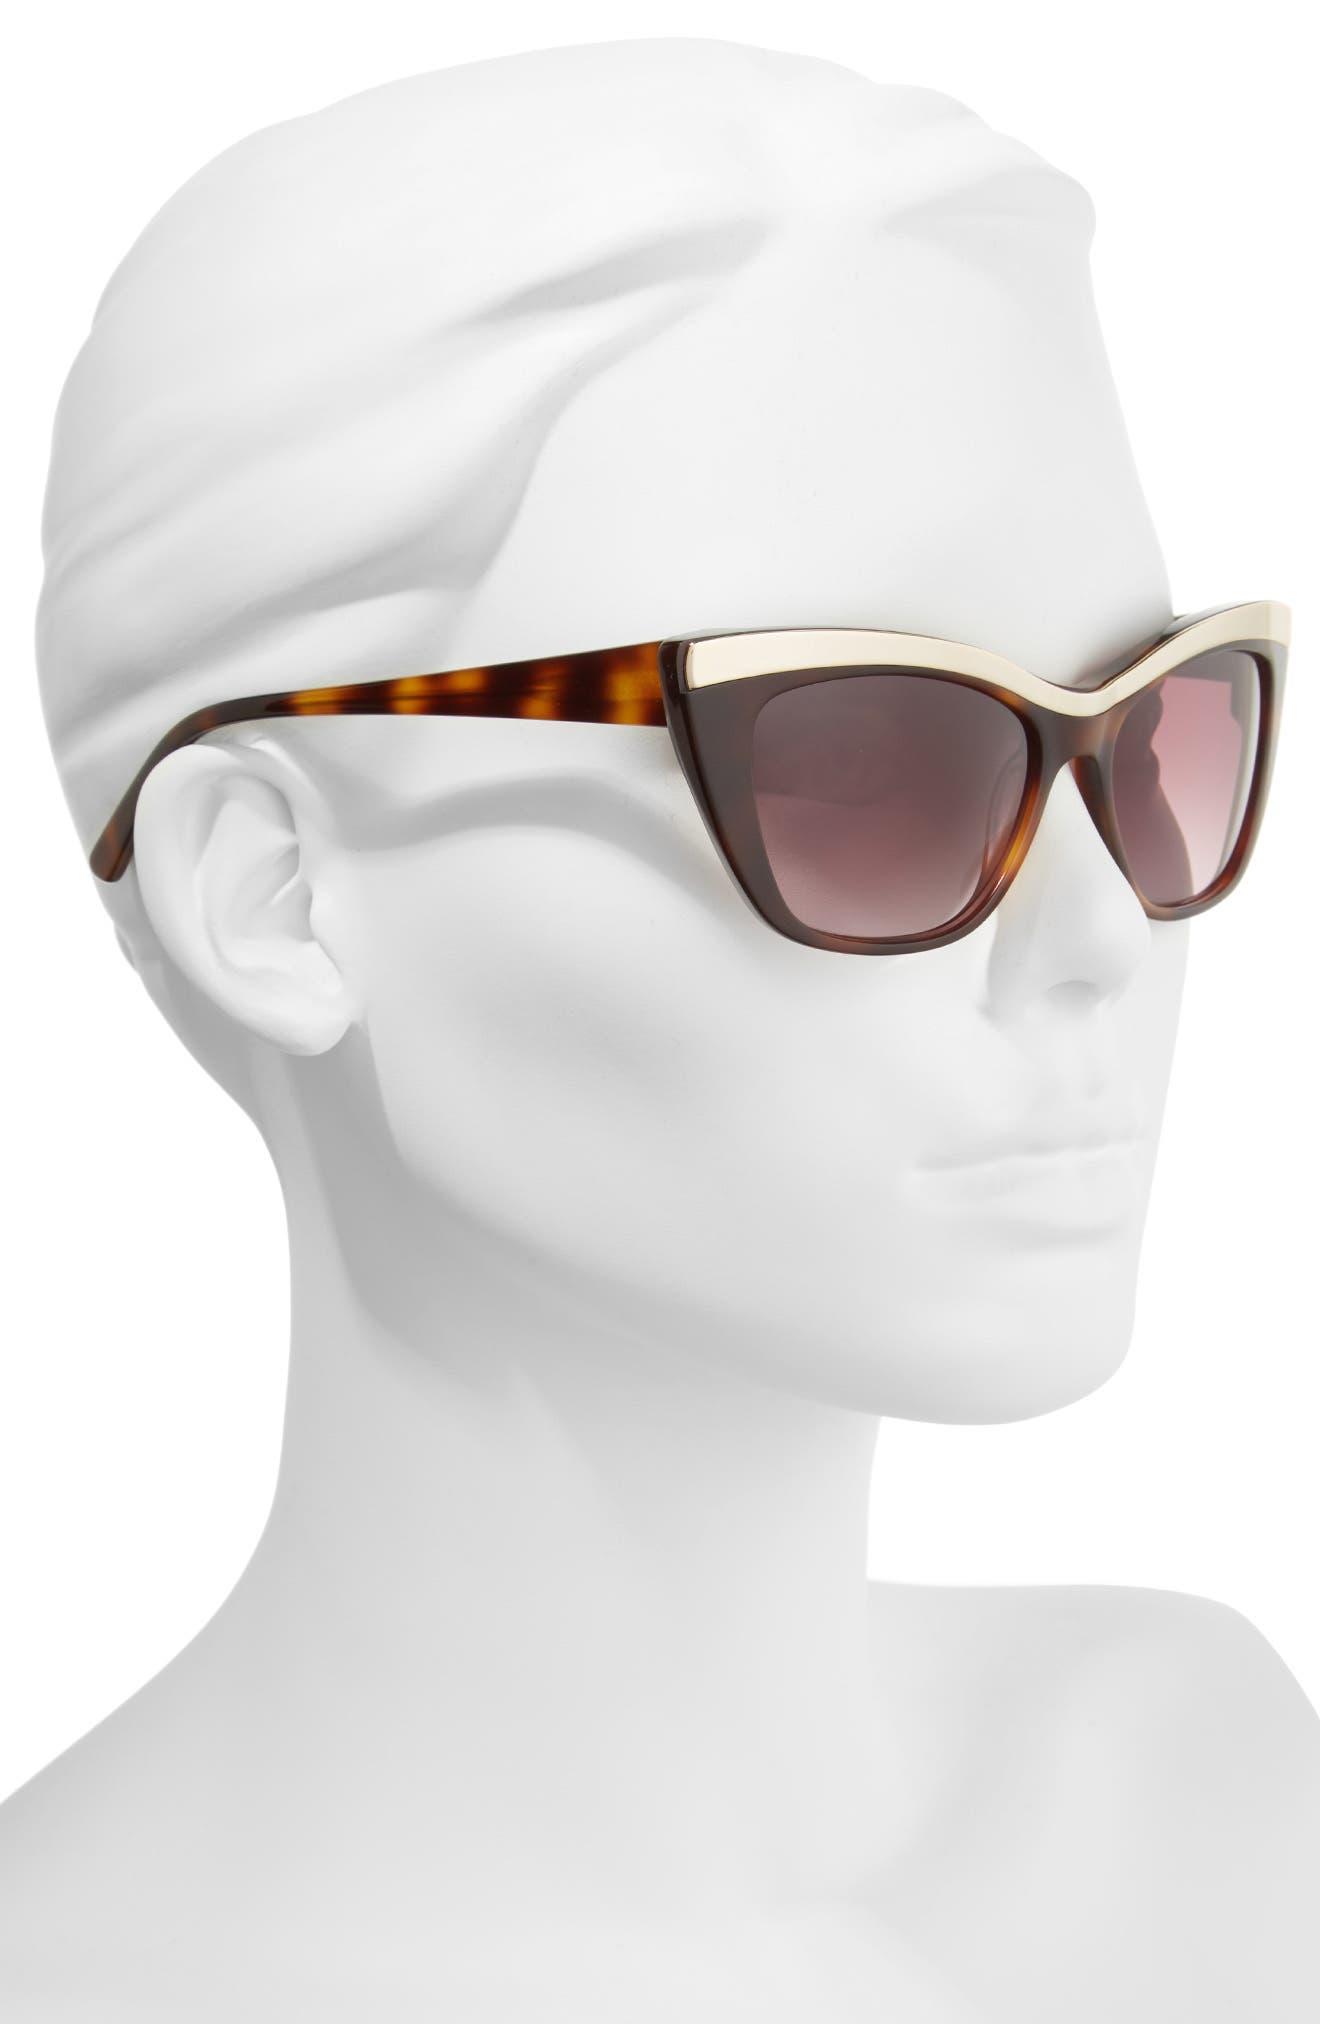 54mm Rectangle Cat Eye Sunglasses,                             Alternate thumbnail 2, color,                             Tortoise